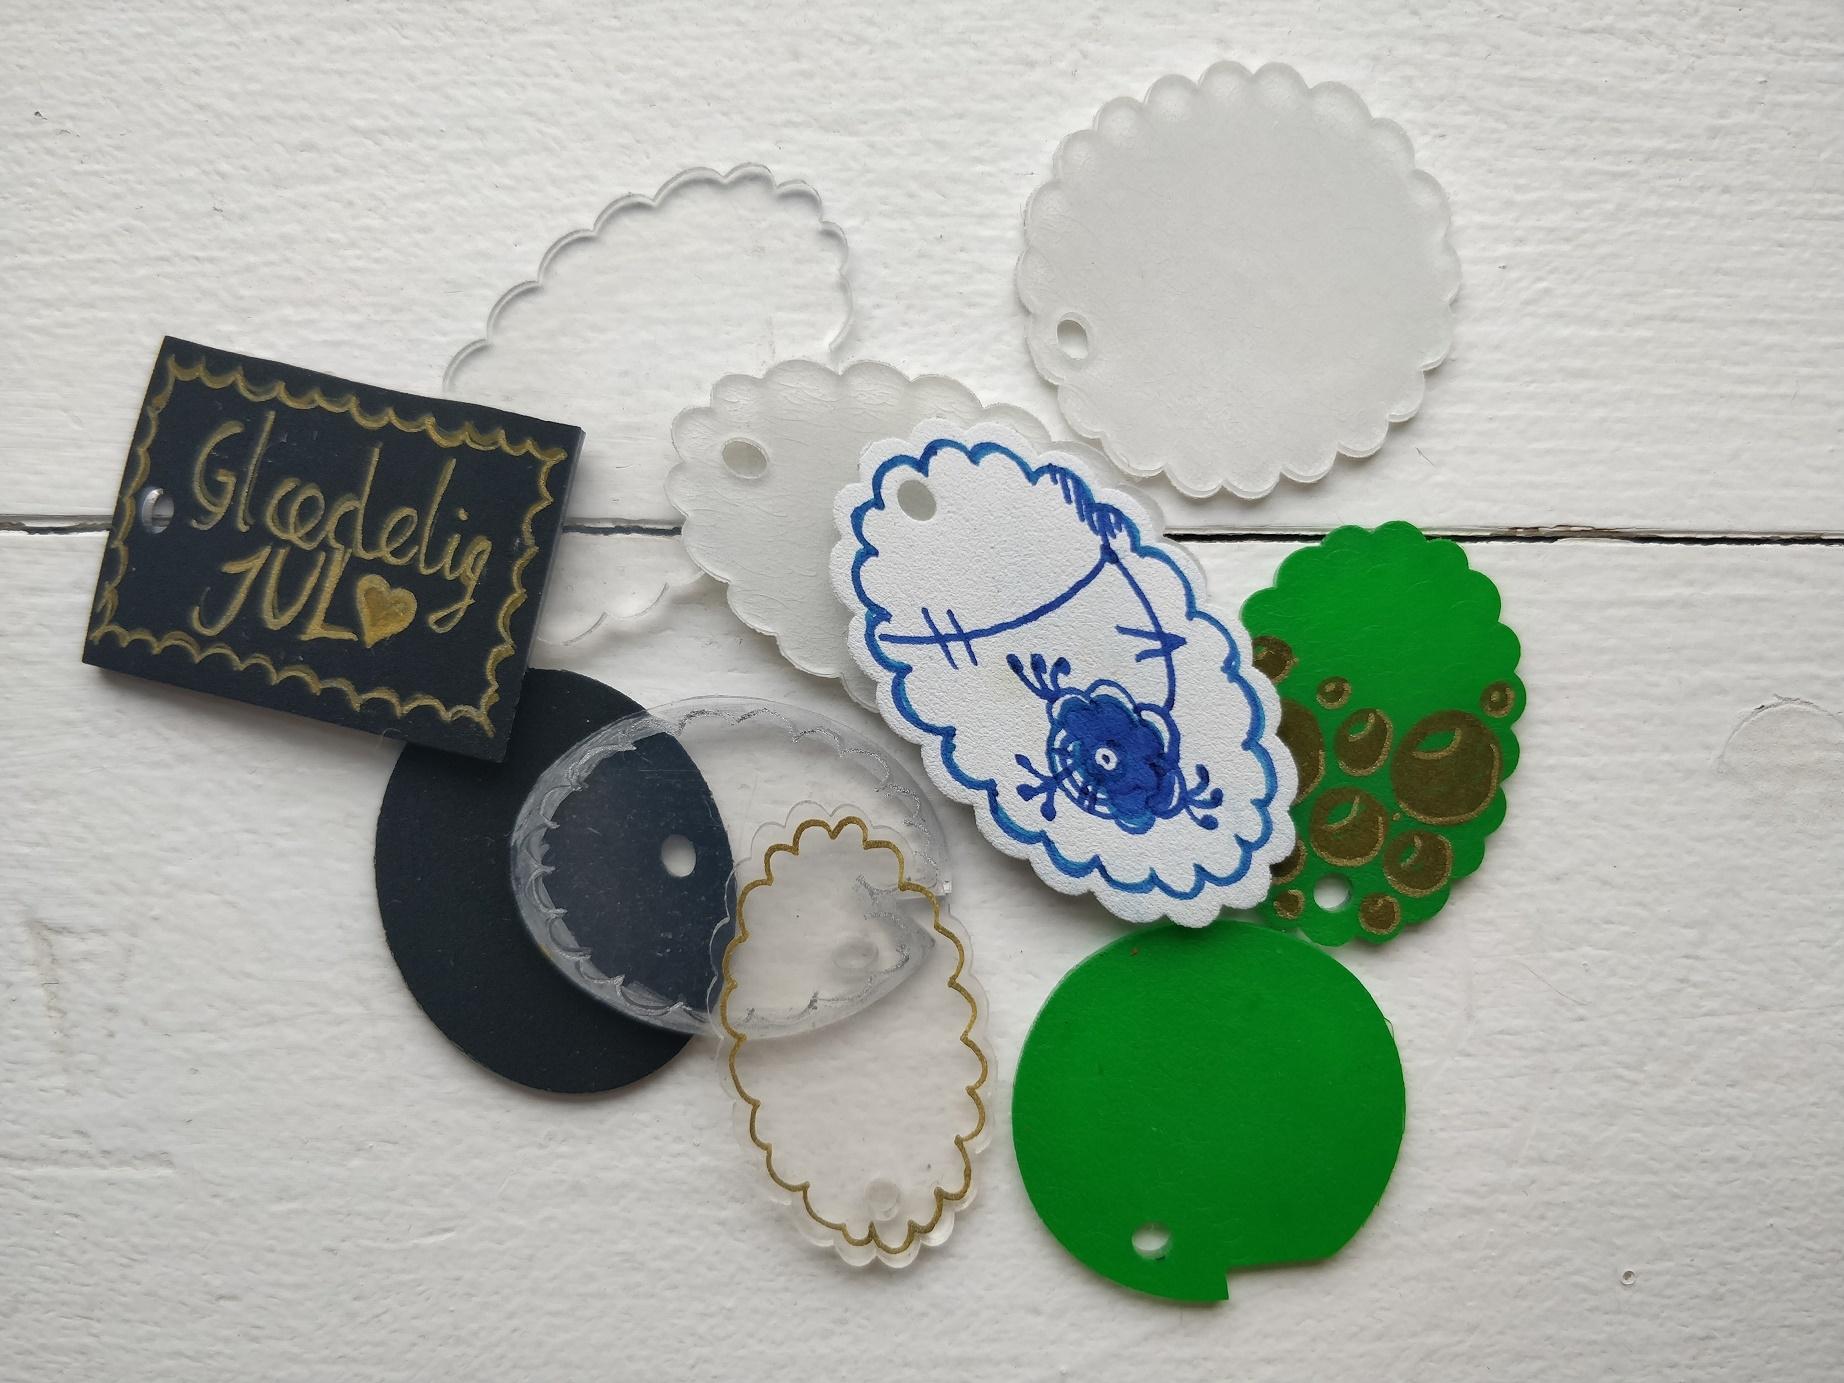 Til og fra kort, manillamærker eller gavemærker, der kan genrbuges mange år frem!